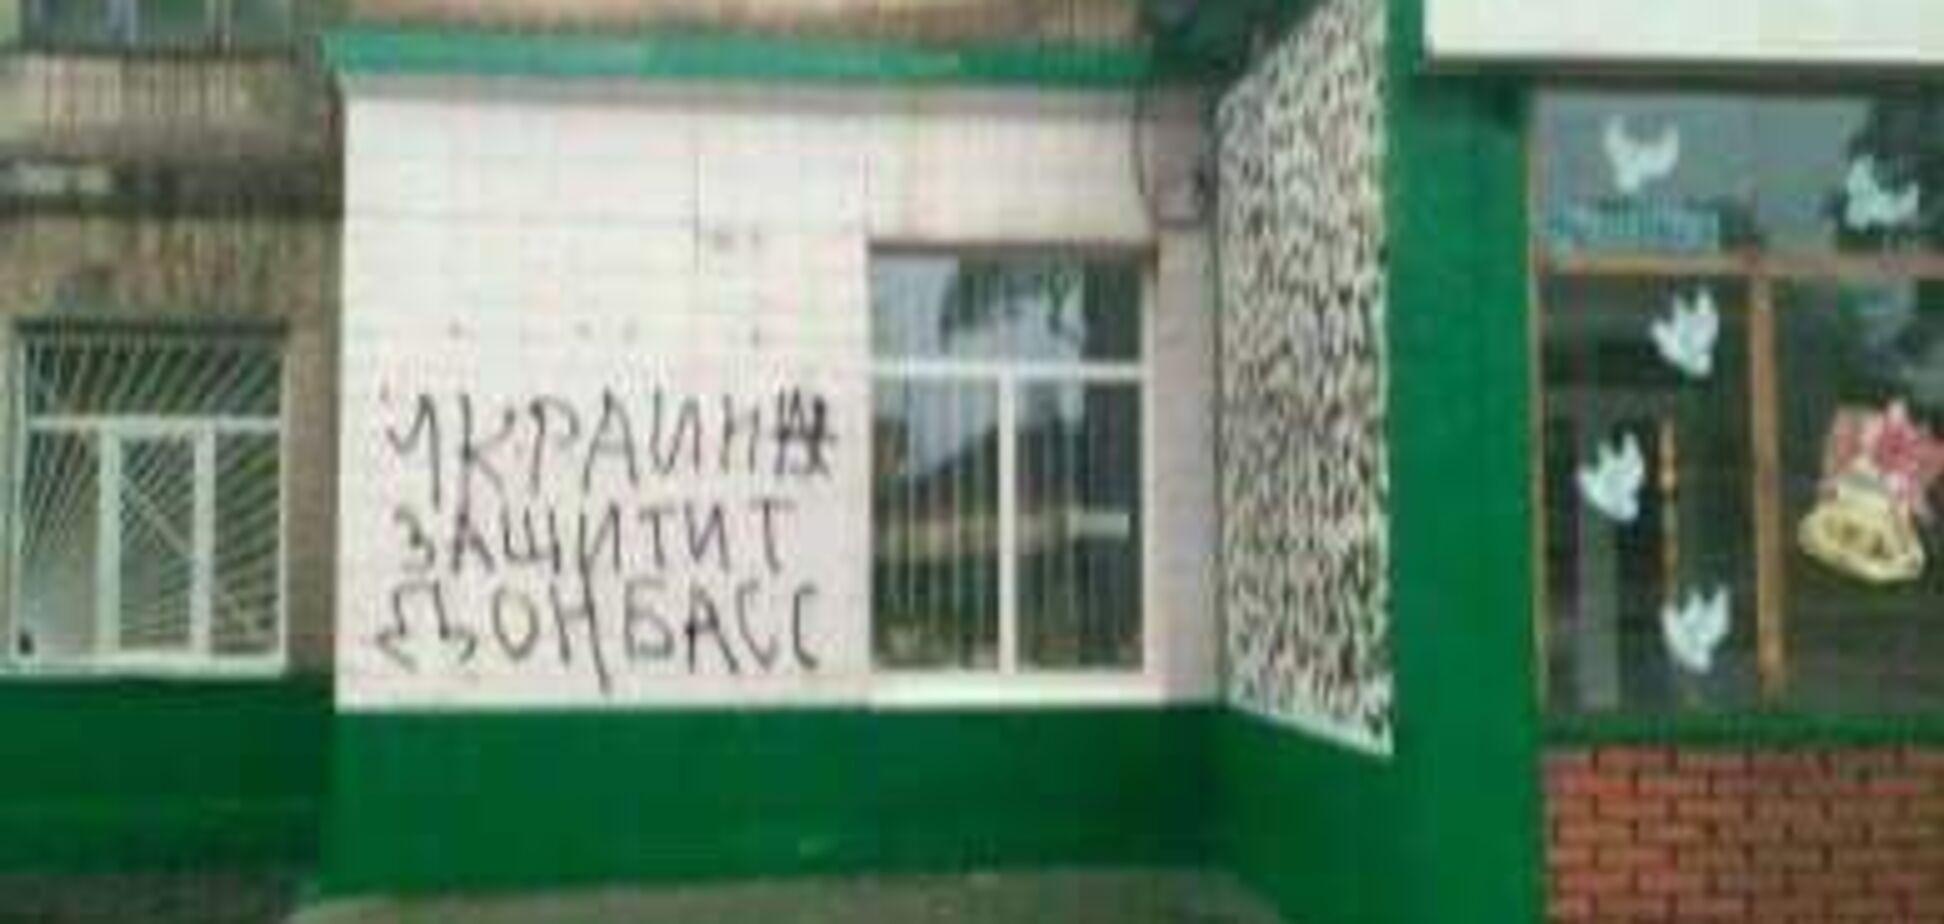 'Путлер, забирайся!' У Донецьку жителі залишили послання для окупантів